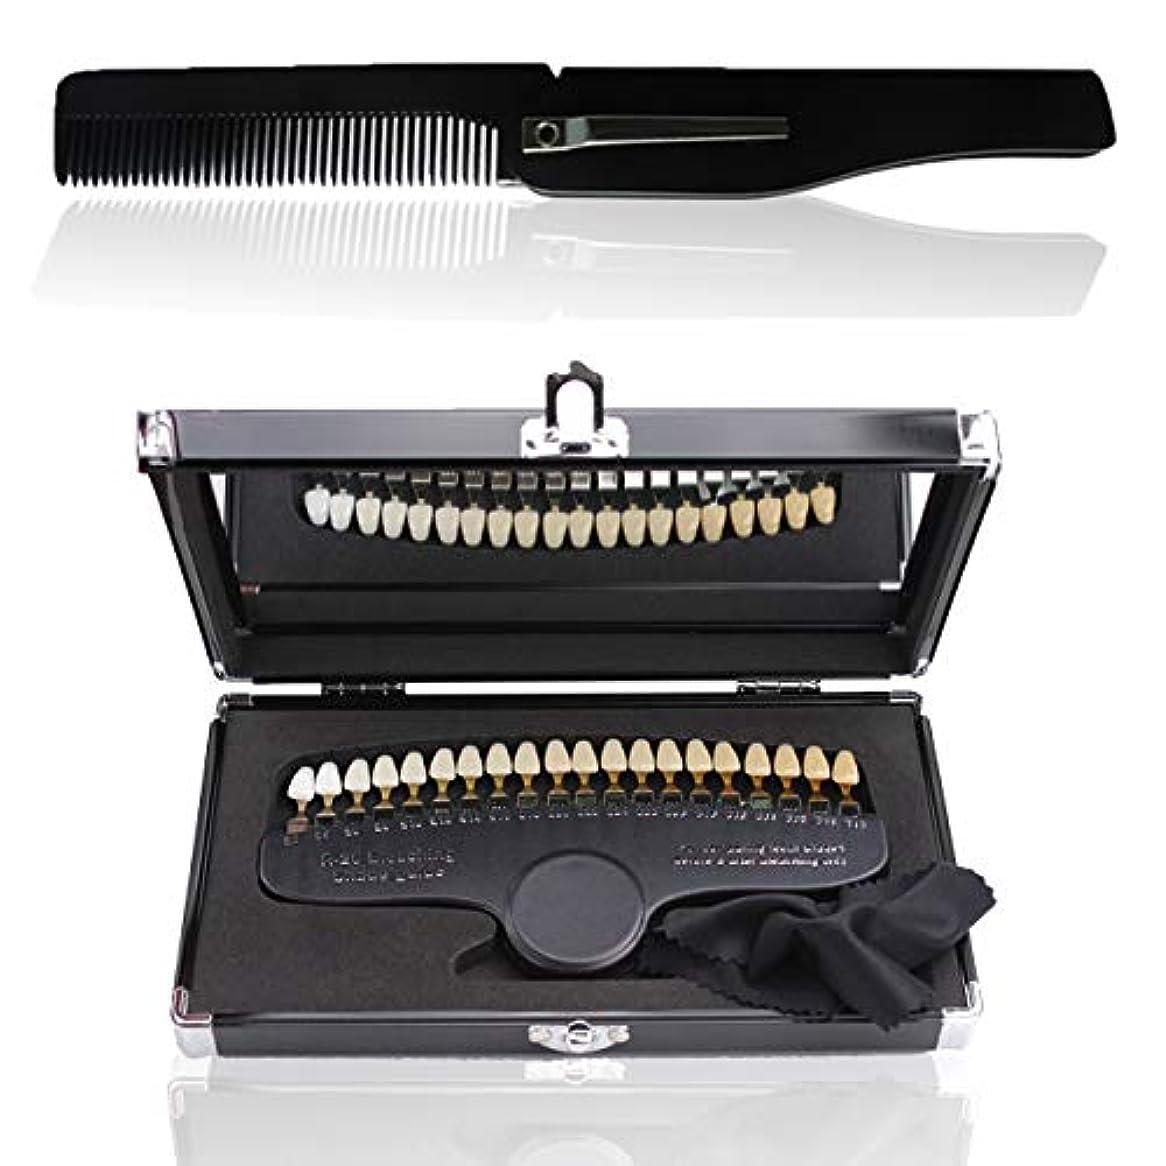 交響曲独特の以来フェリモア 歯 シェードガイド 色見本 歯列模型 段階的 櫛付き 鏡付き 収納ケース付き 20段階 (20段階)